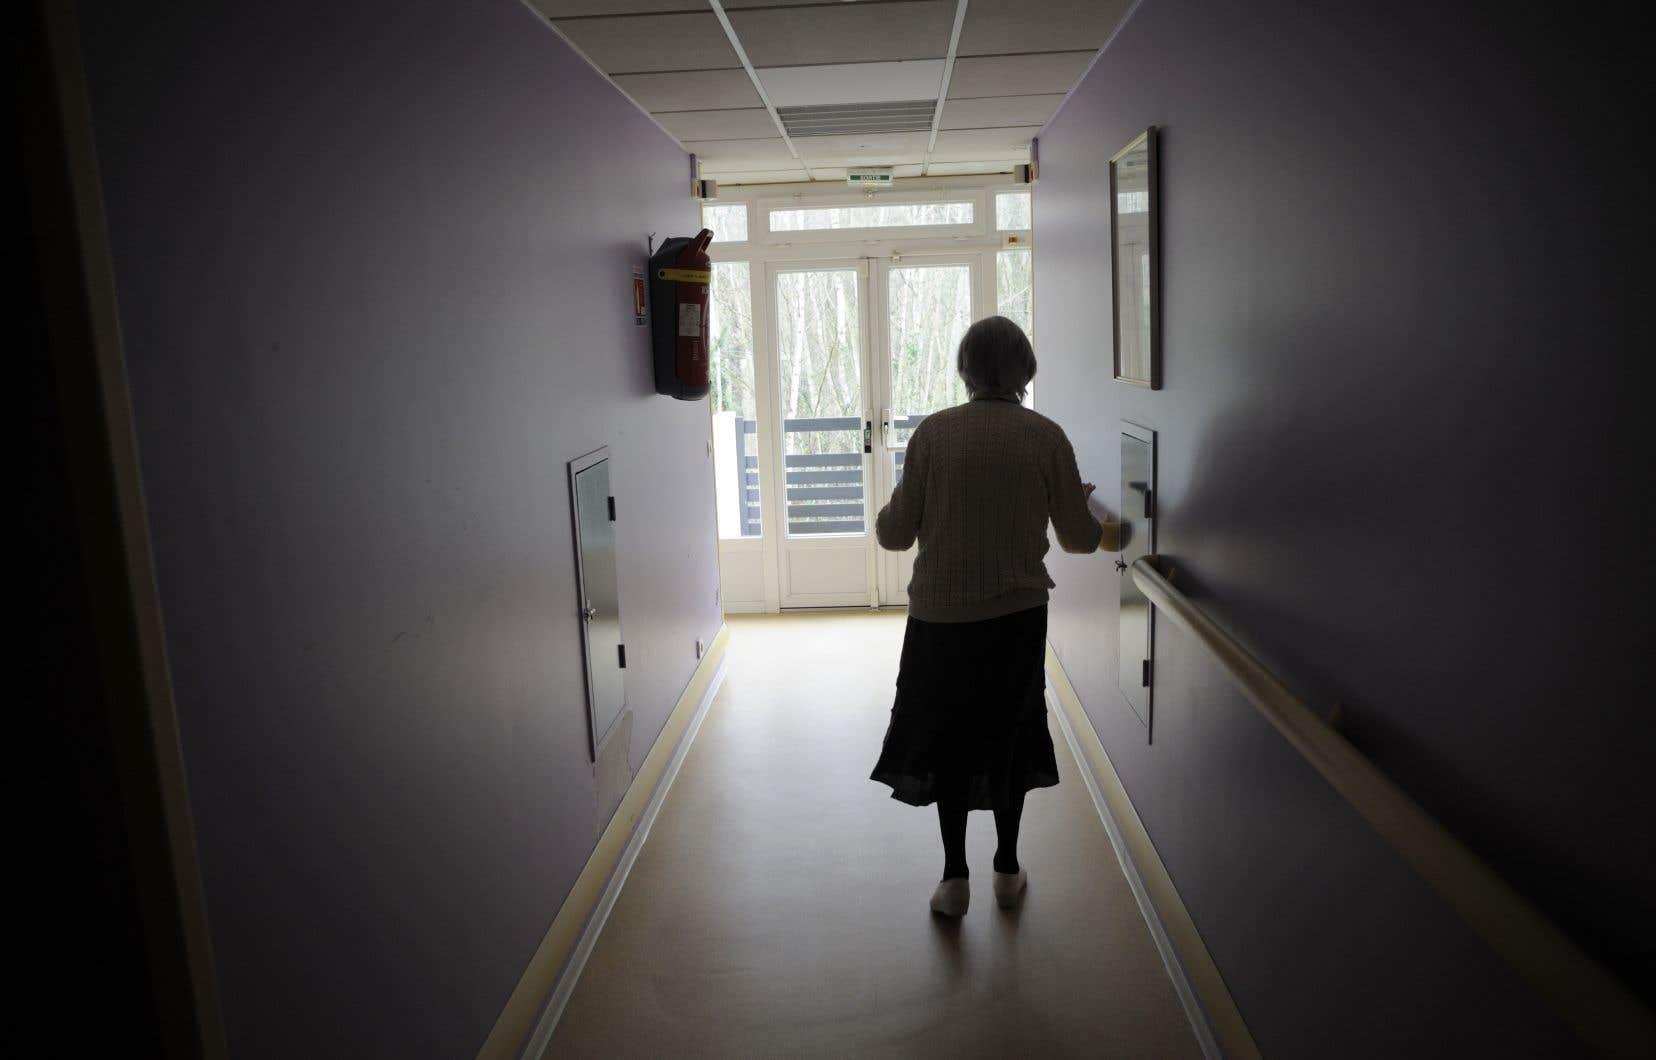 Quand le vieil homme ou la vieille dame entre dans un foyer d'une sorte ou d'une autre, n'est-ce pas le plus souvent ses proches qui en ont pris la décision? s'interroge l'auteure.